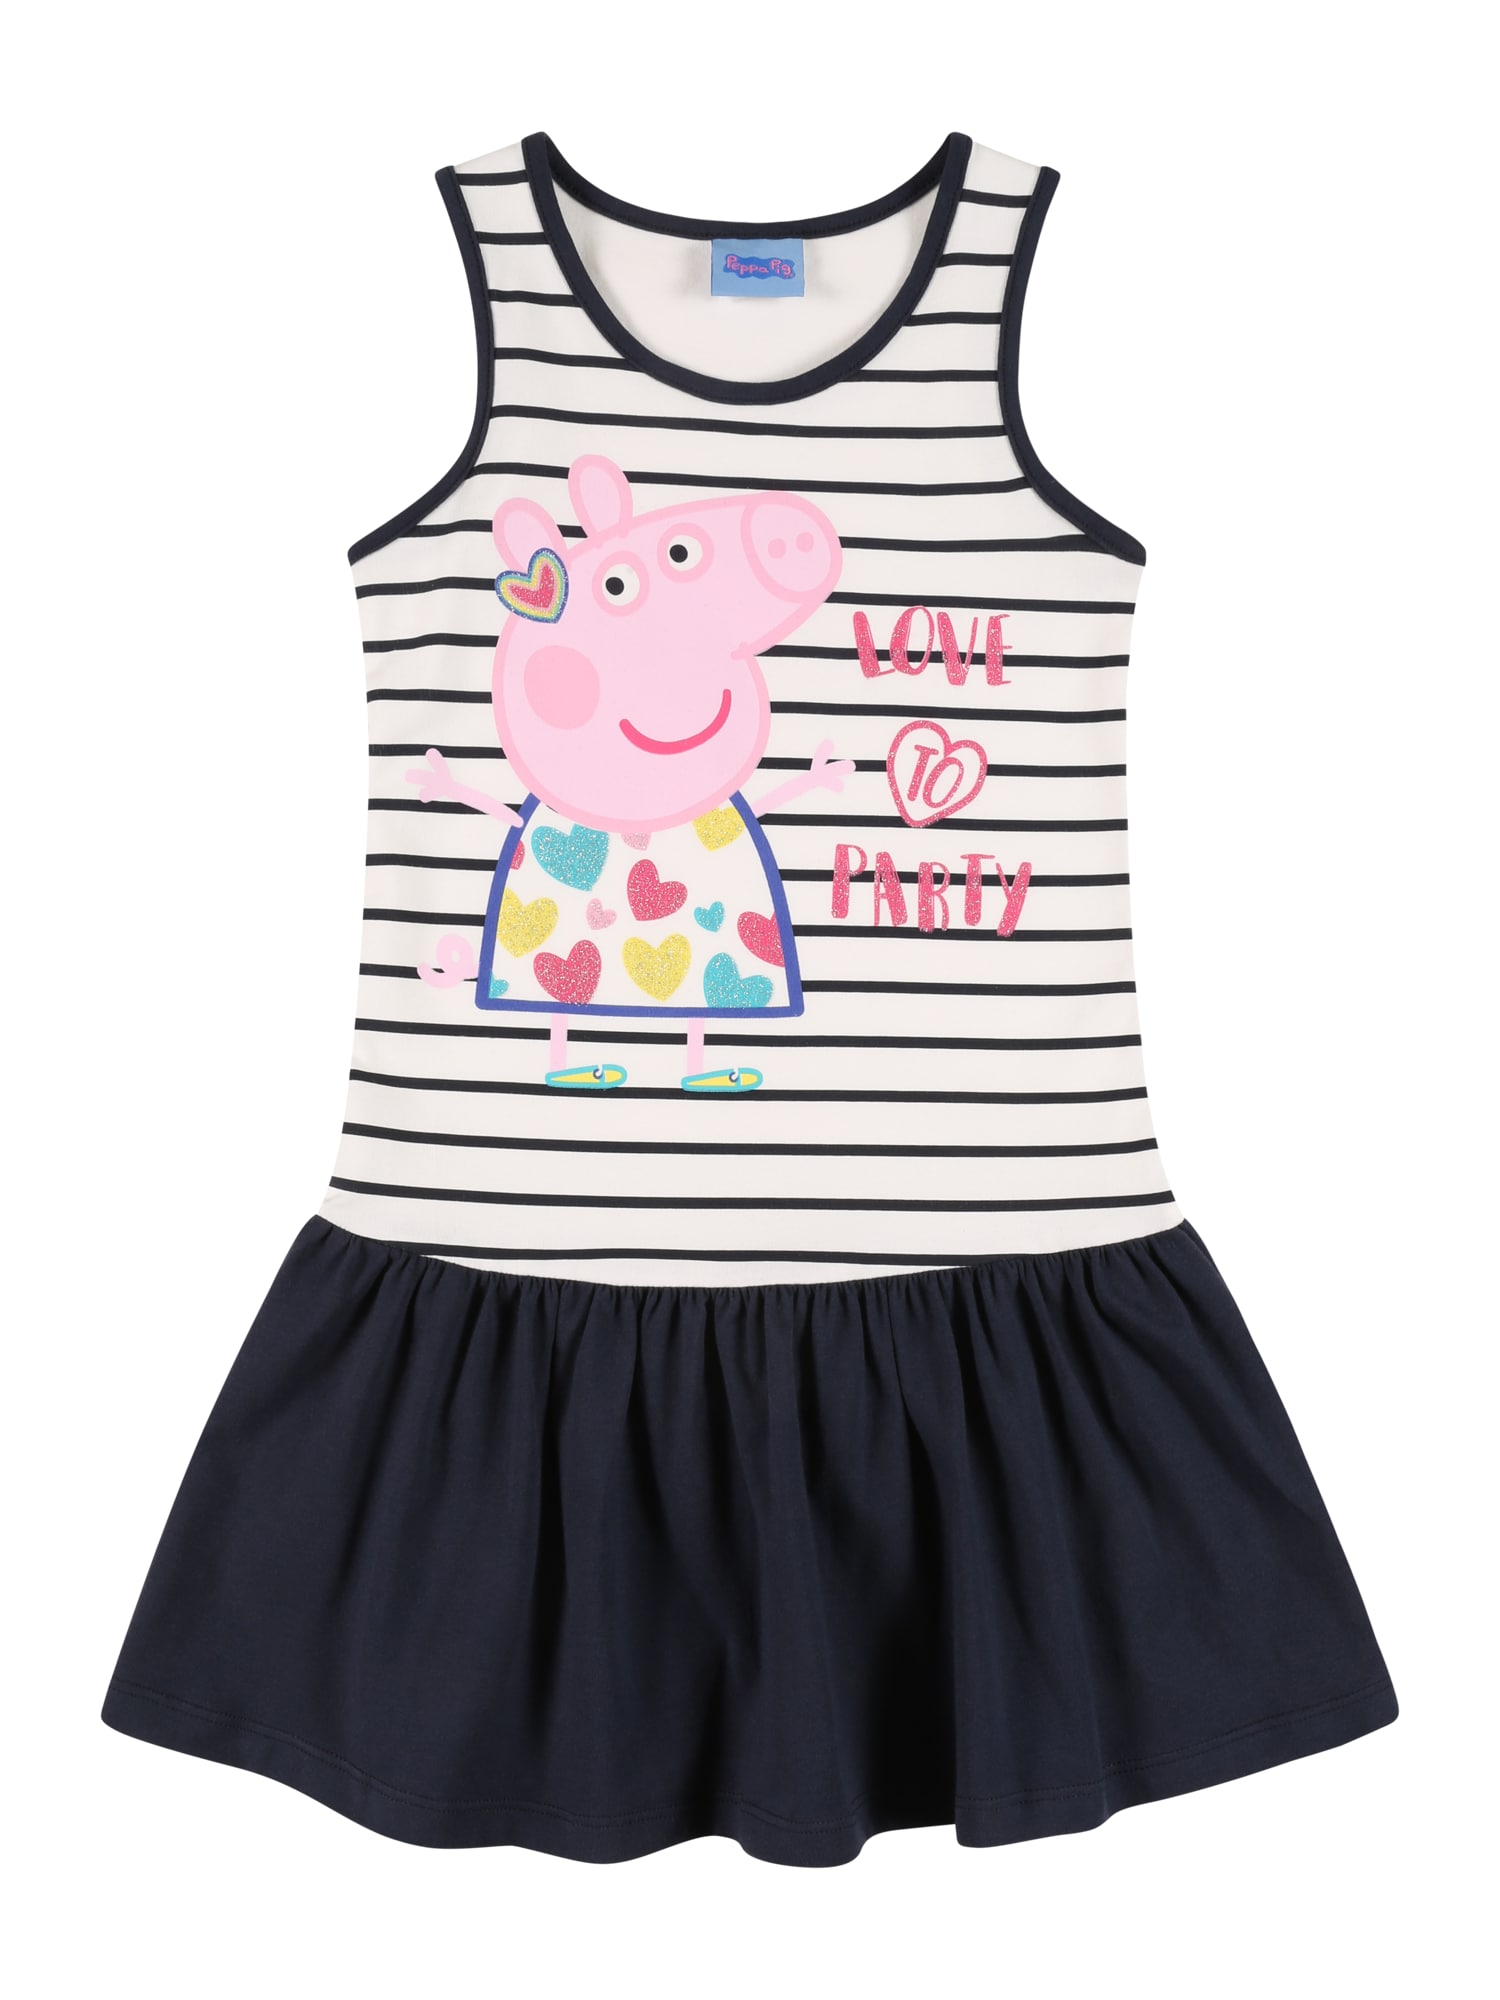 Peppa Pig Suknelė tamsiai mėlyna / balta / rožių spalva / mišrios spalvos